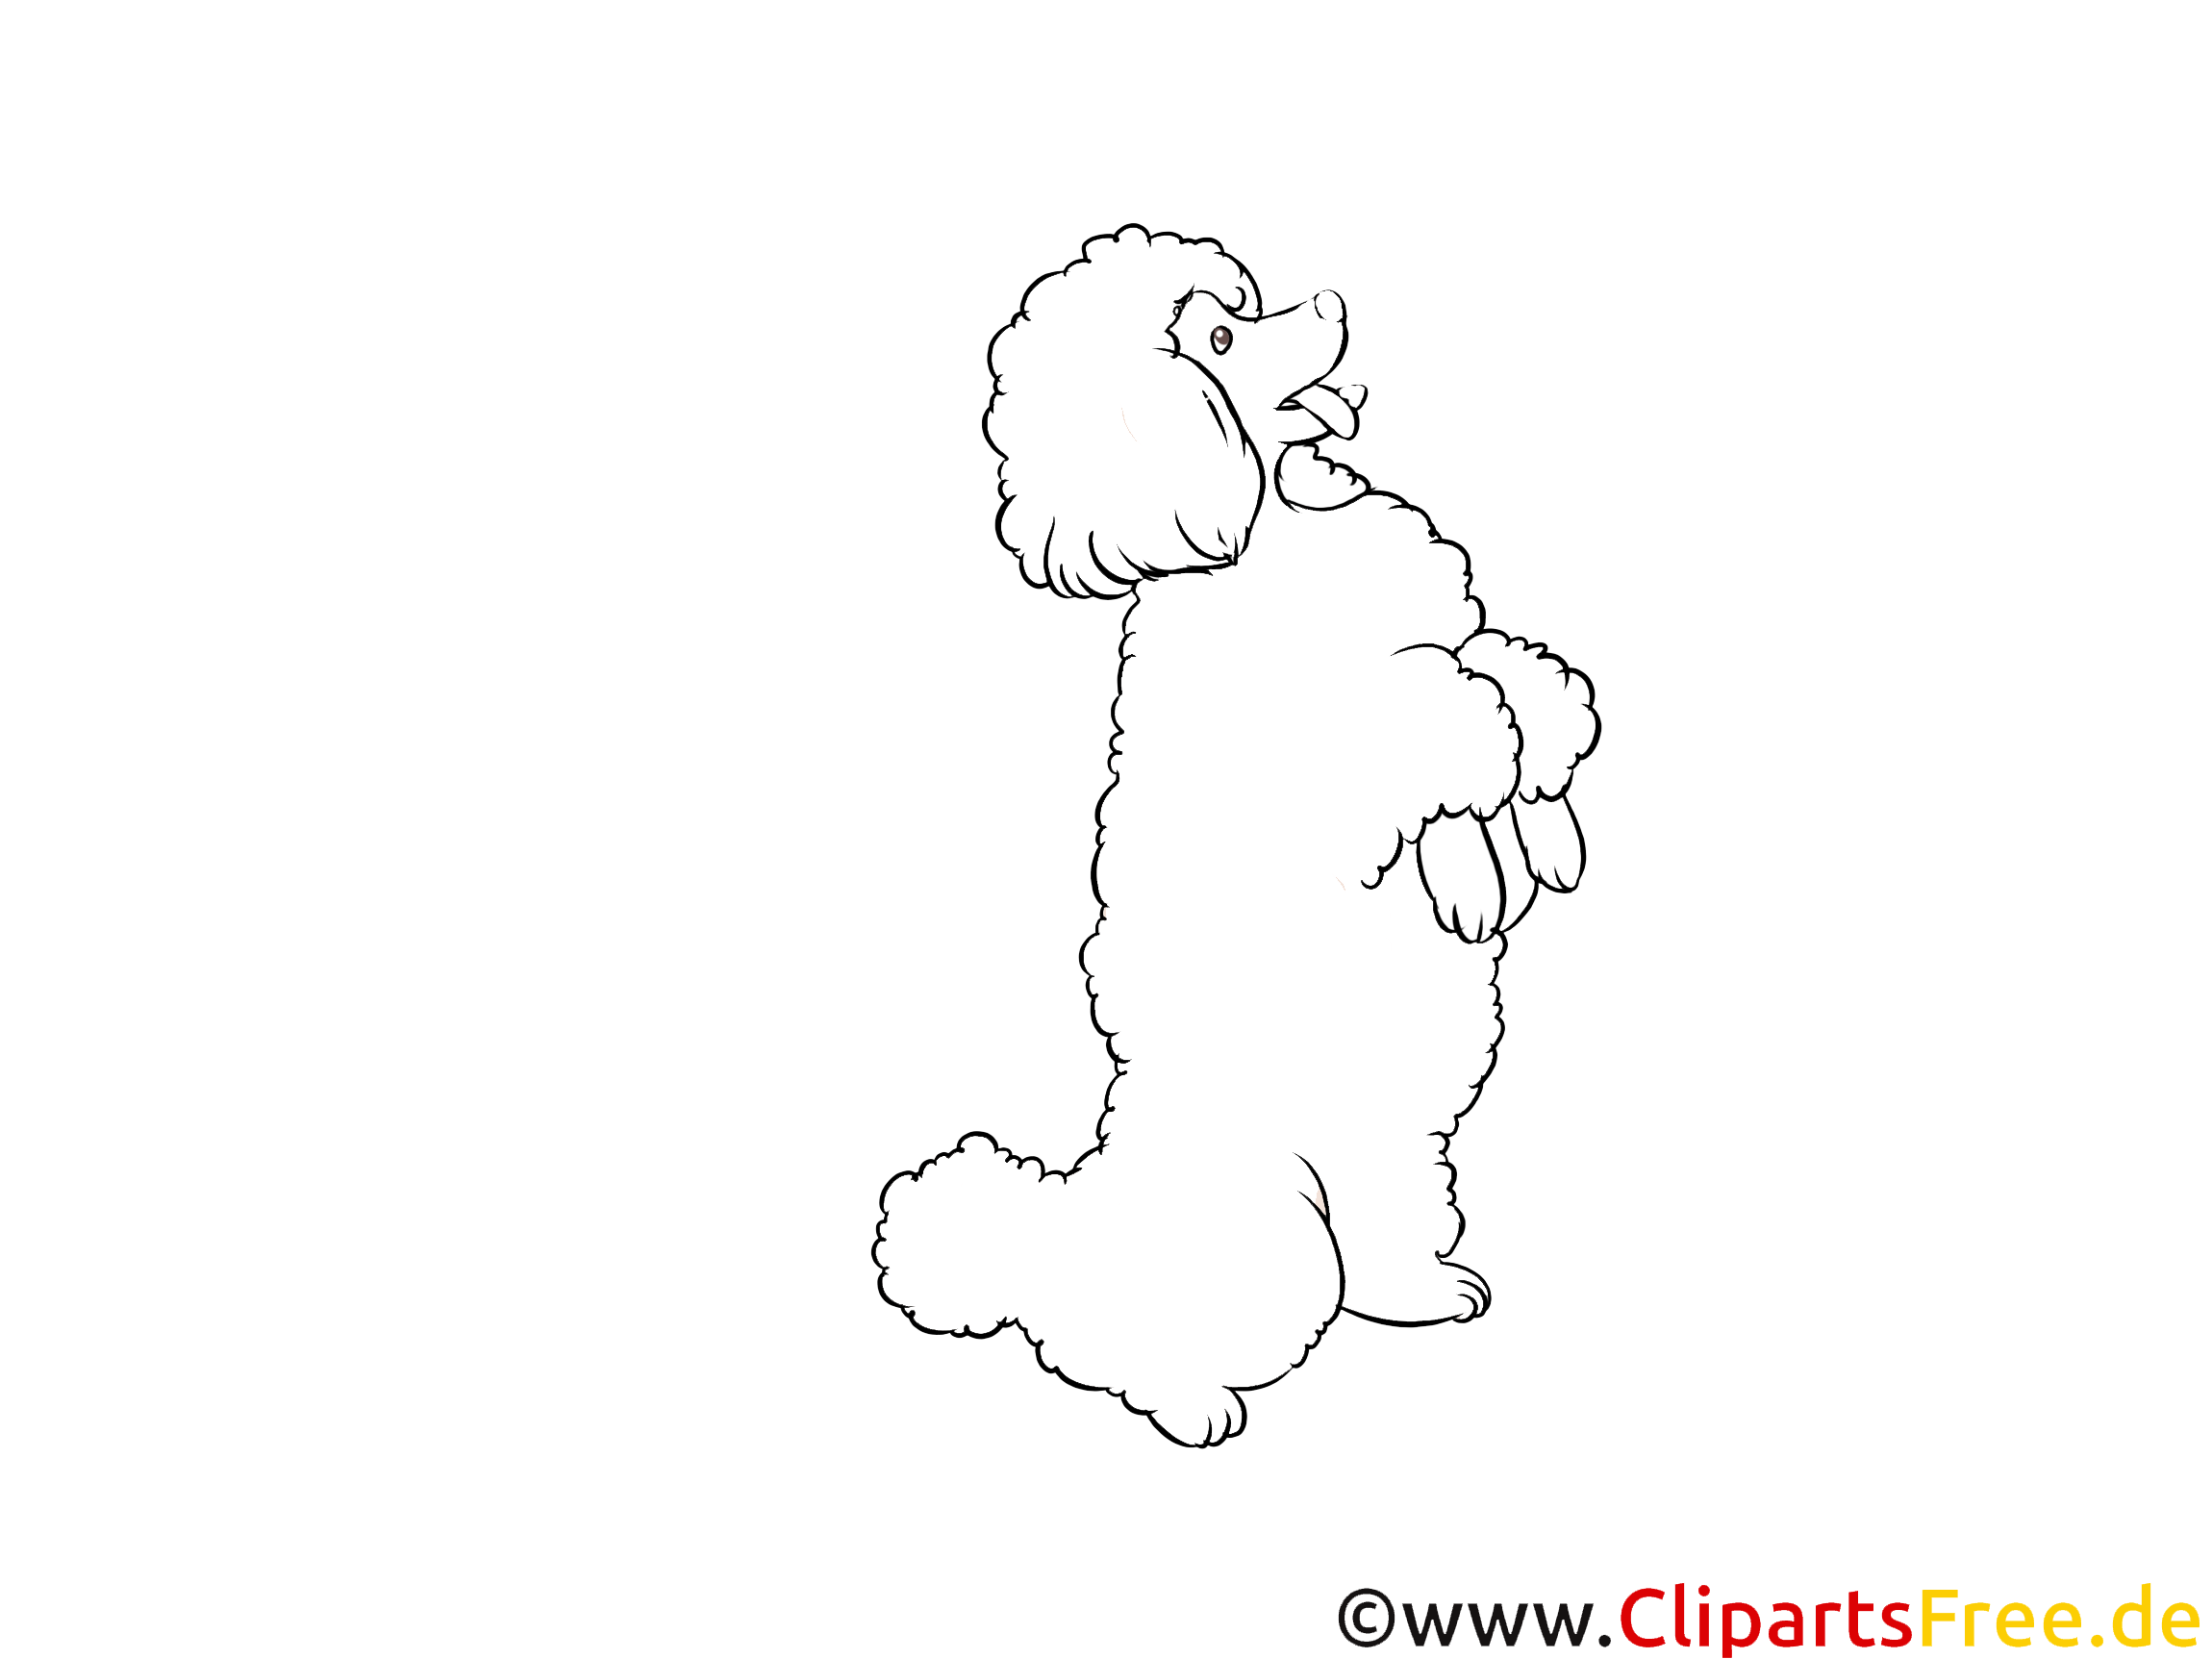 Schwarz-weiss Clipart Pudel - Hunderassen Bilder kostenlos